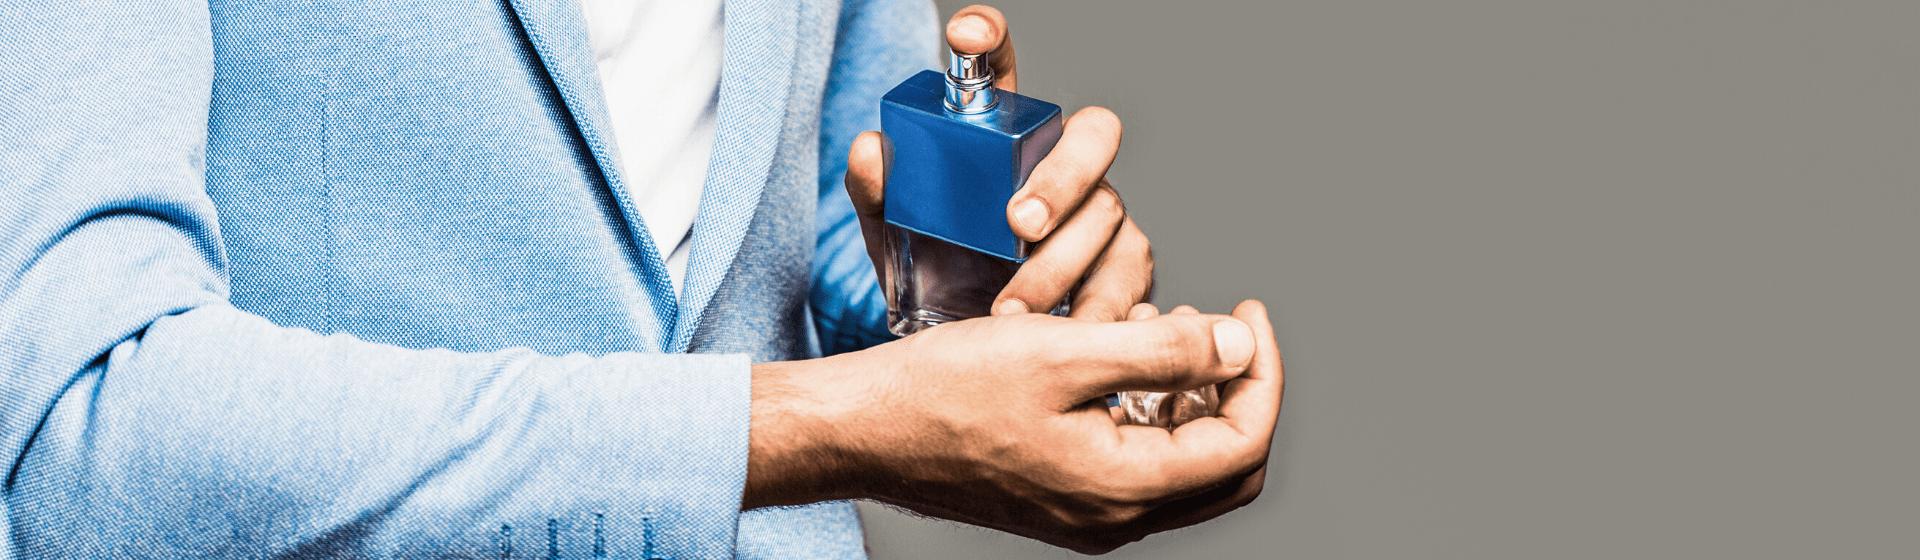 Melhor perfume masculino importado de 2021: 10 opções para comprar